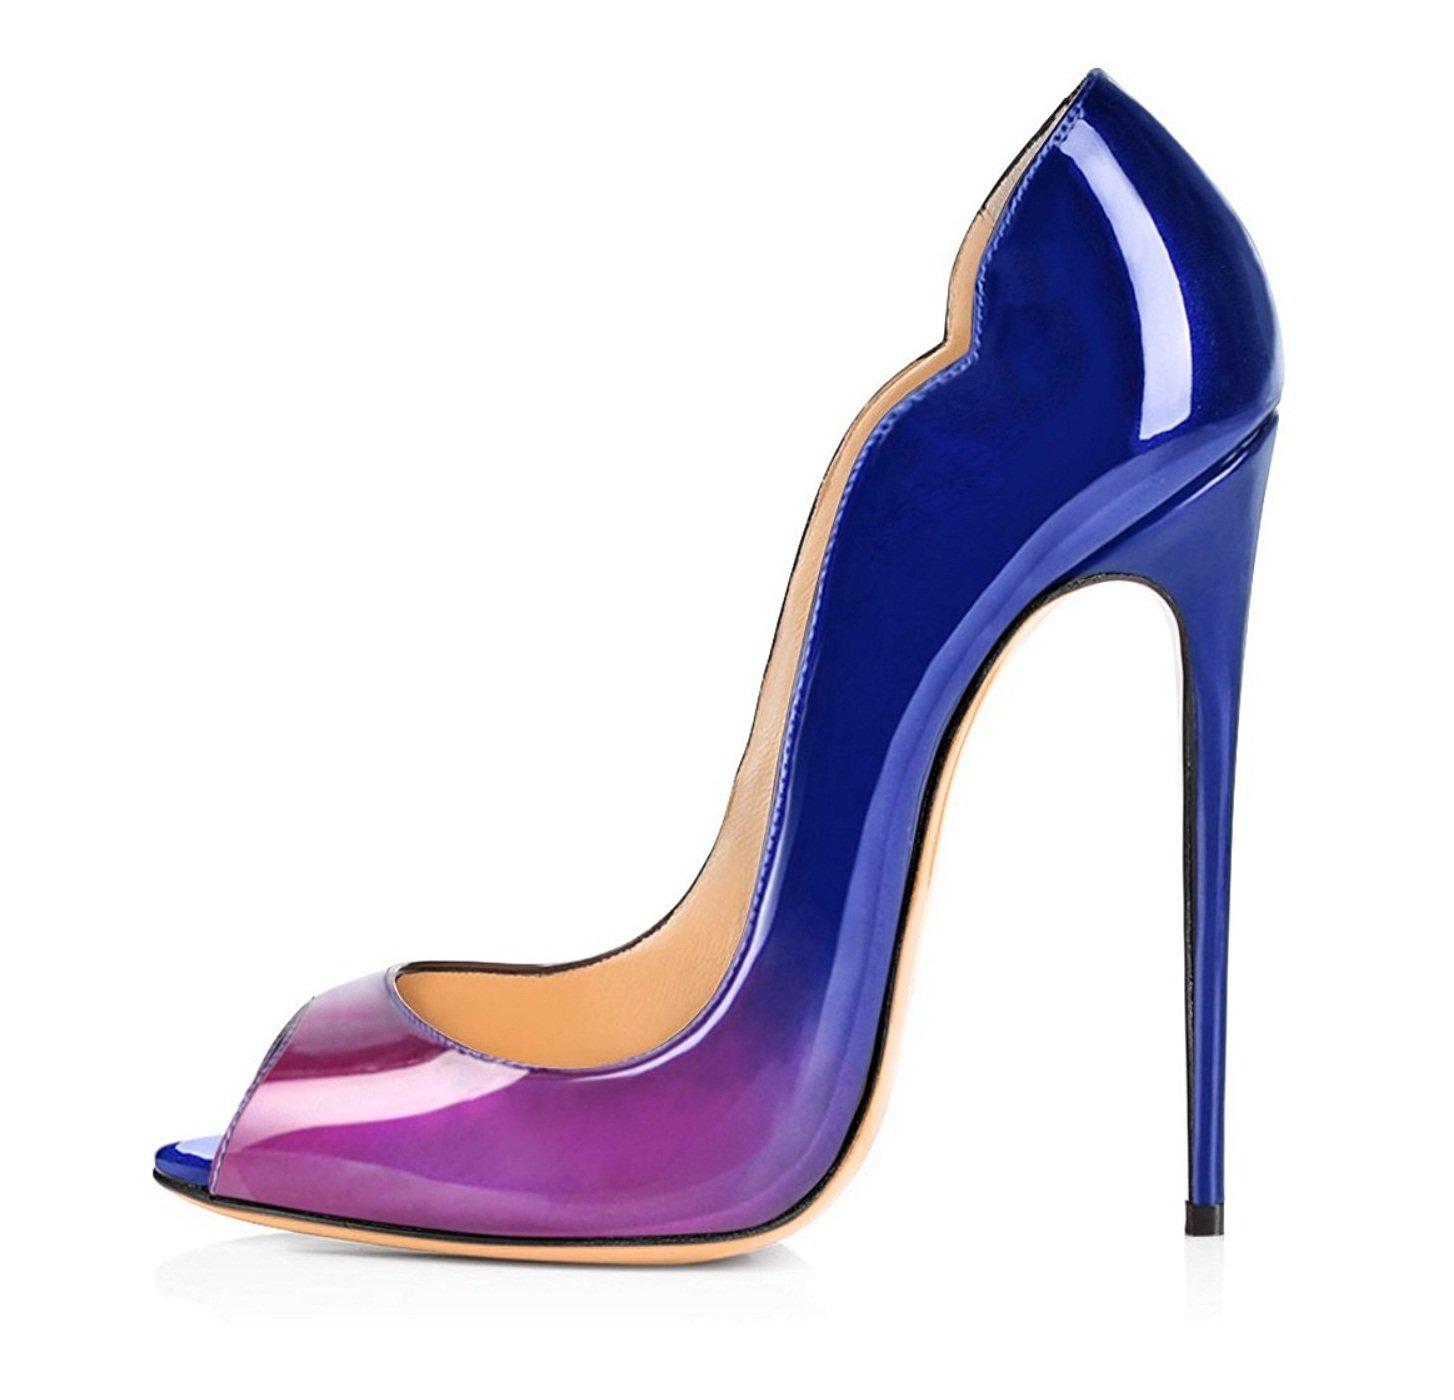 ELASHE - Zapatos de tacón - 12 CM Clásicas Tacones Altos - Boda Wedding Peep Toe Pumps 38 EU|púrpura y azul